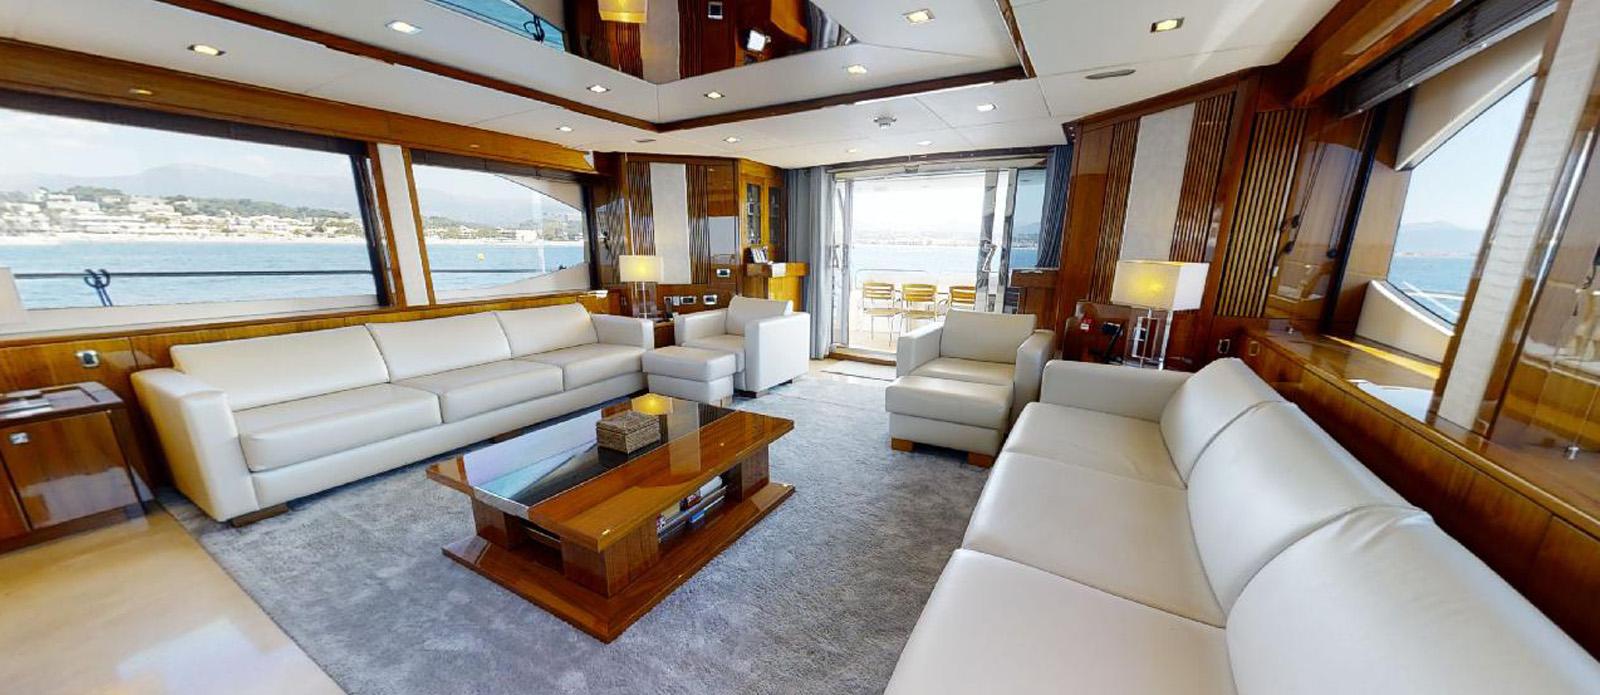 Sunseeker 30 Metre Yacht - Saloon 2 -Tuppence